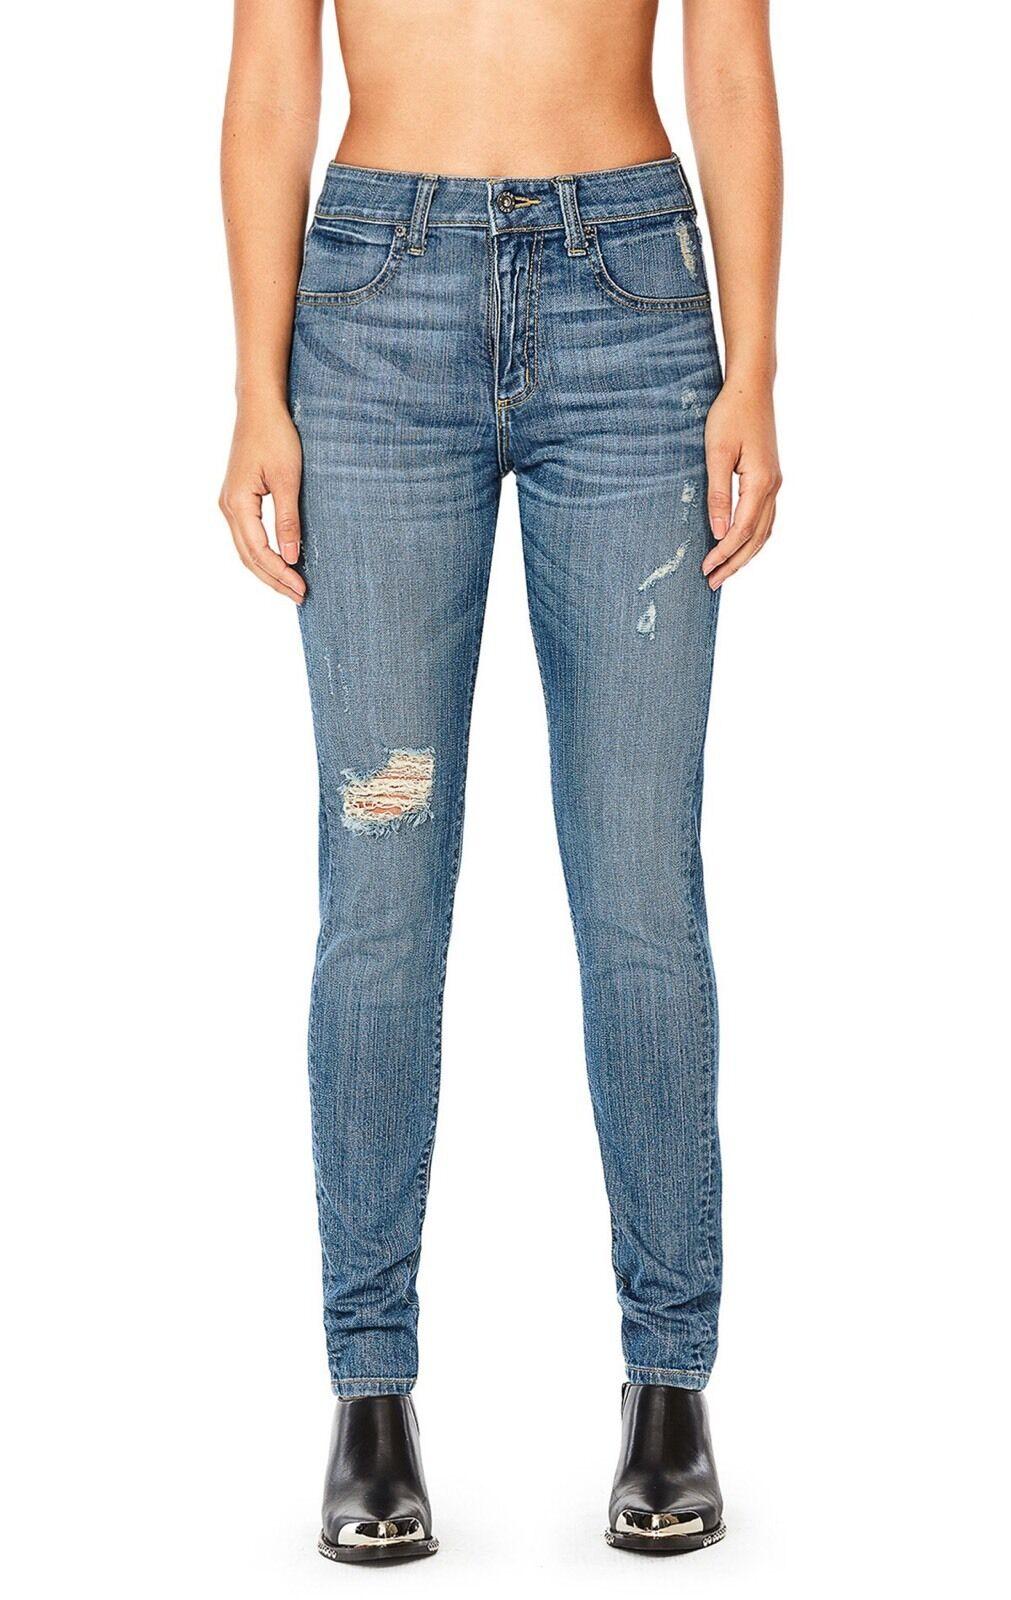 LF carmar high rise medium wash distressed skinny jeans sz 25 NWT